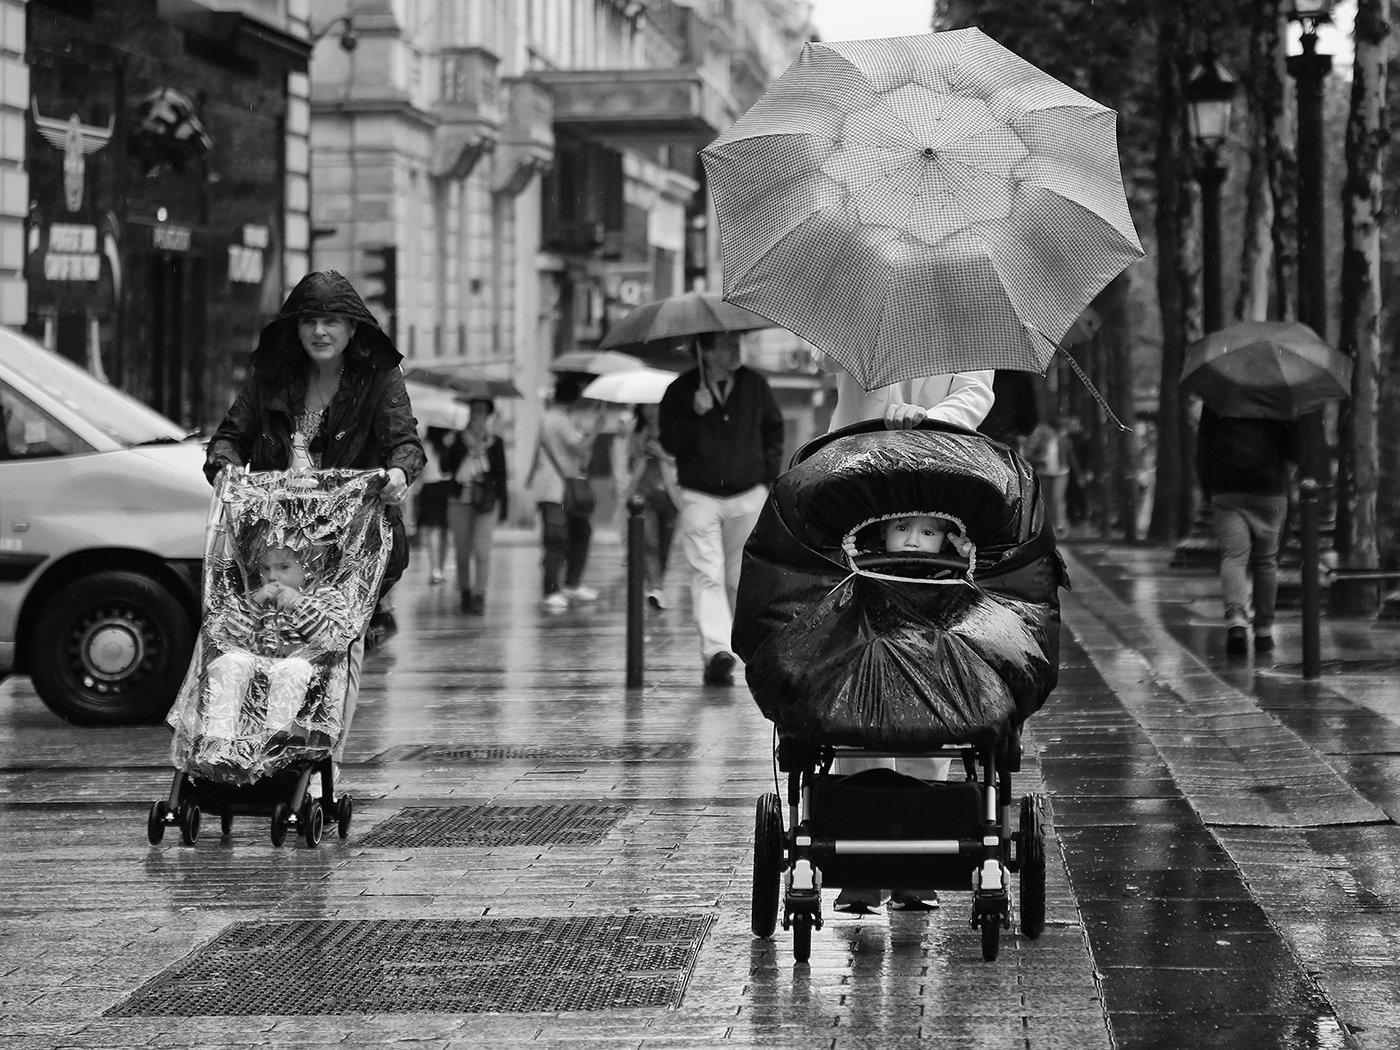 дети, коляска, окно, дырка, проём, зонты, дождь, париж, елисейские поля, улица, прохожие, Алла Соколова